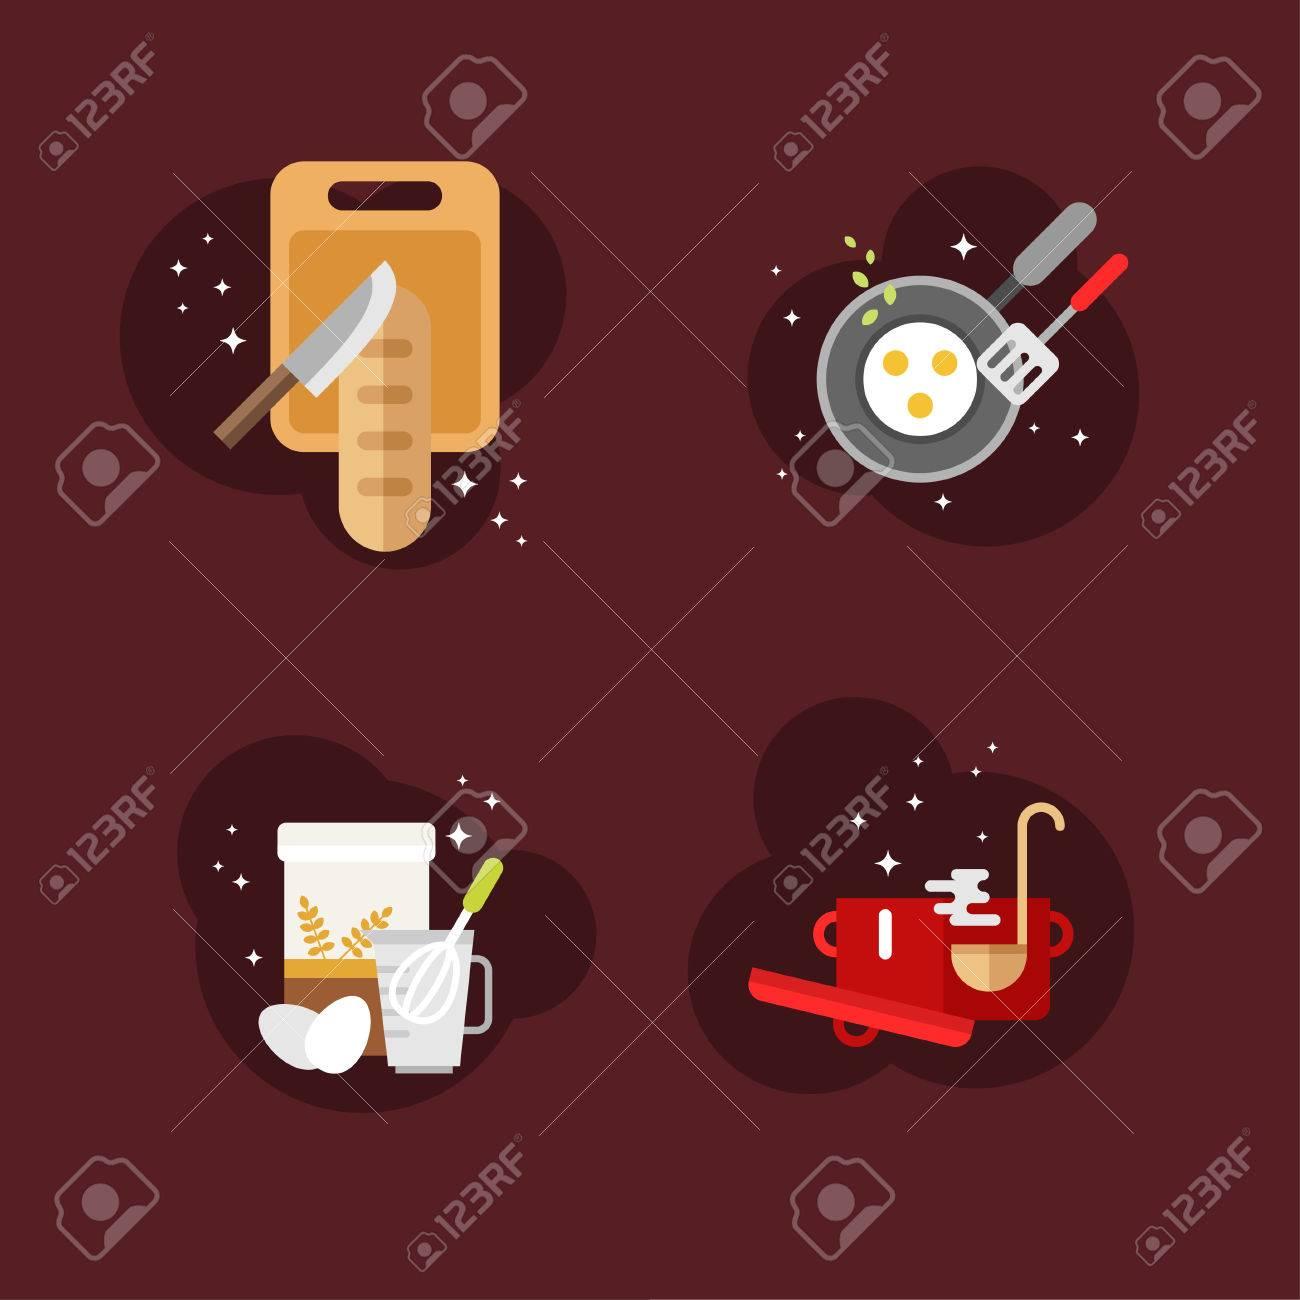 Awesome Conjunto De Planos De Diseño Ilustraciones Del Vector Con Las Aplicaciones  De Cocina Y Objetos. Pan De Molde. Ilustración Del Vector En Estilo Del  Diseño ...